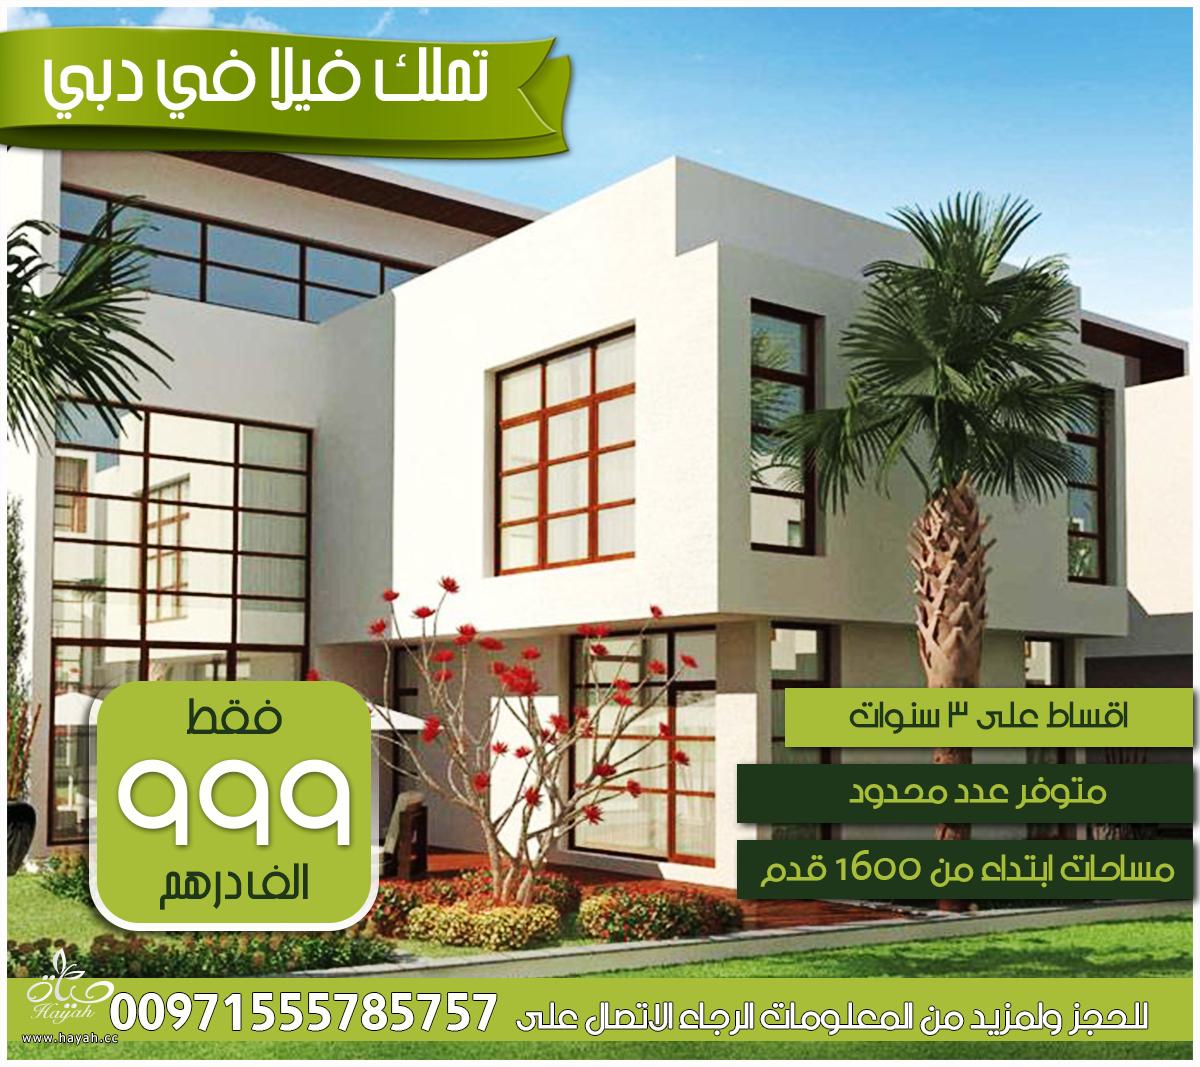 فلل في دبي بسعر مميز جدا hayahcc_1492730132_586.png